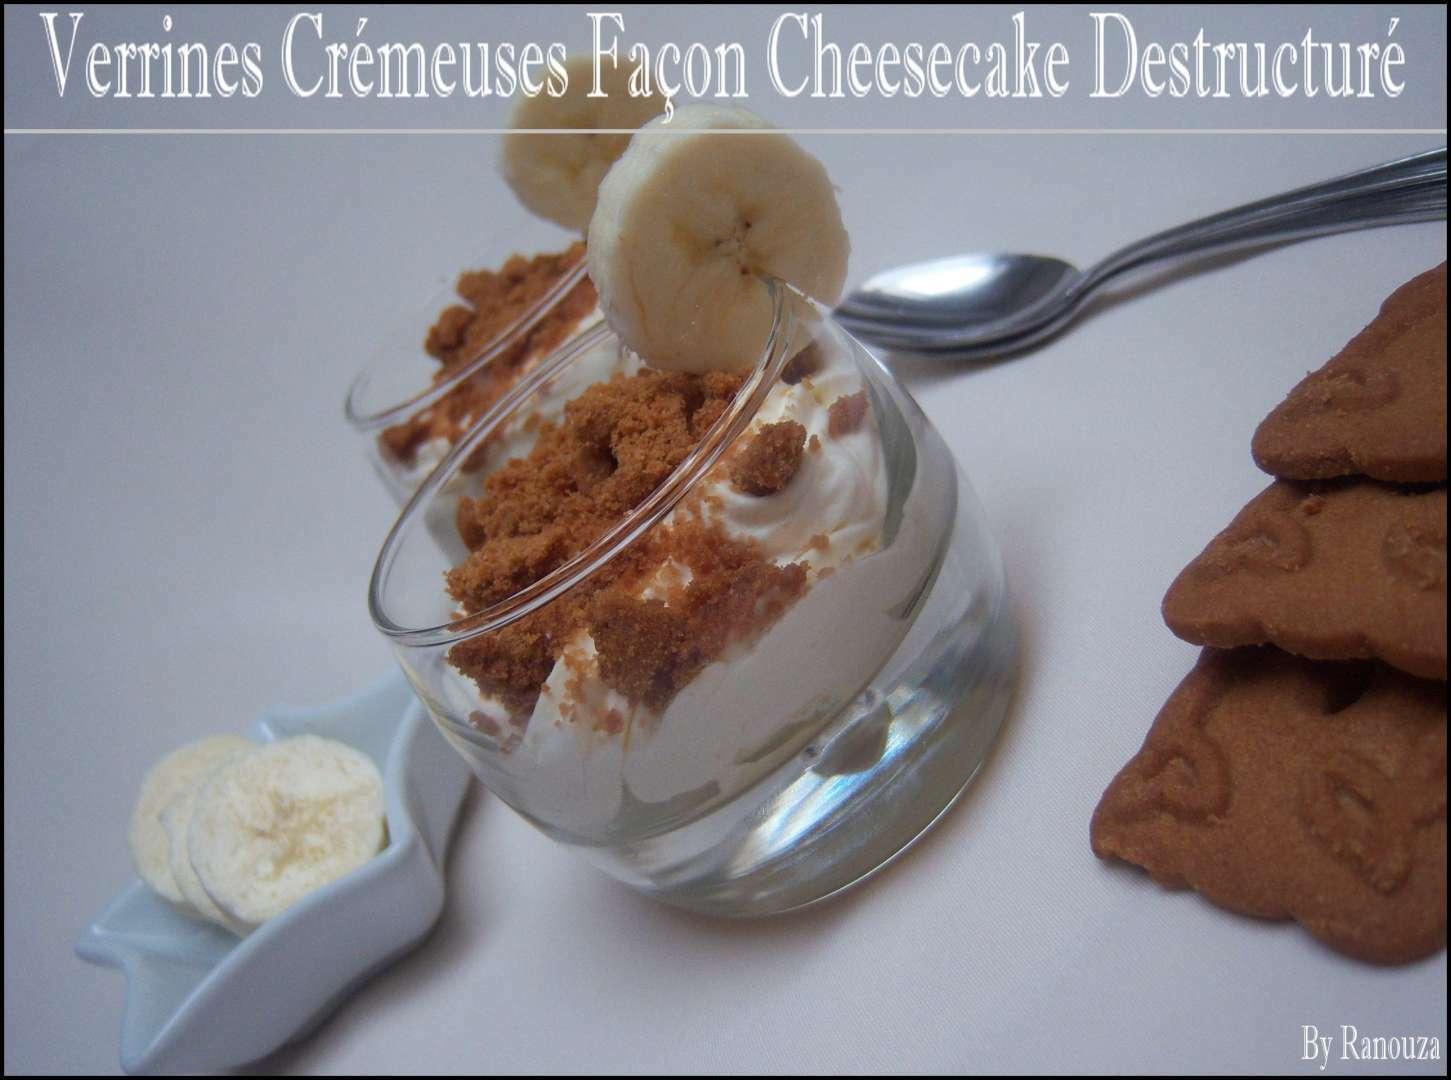 Verrines crémeuses à la banane façon cheesecake ...